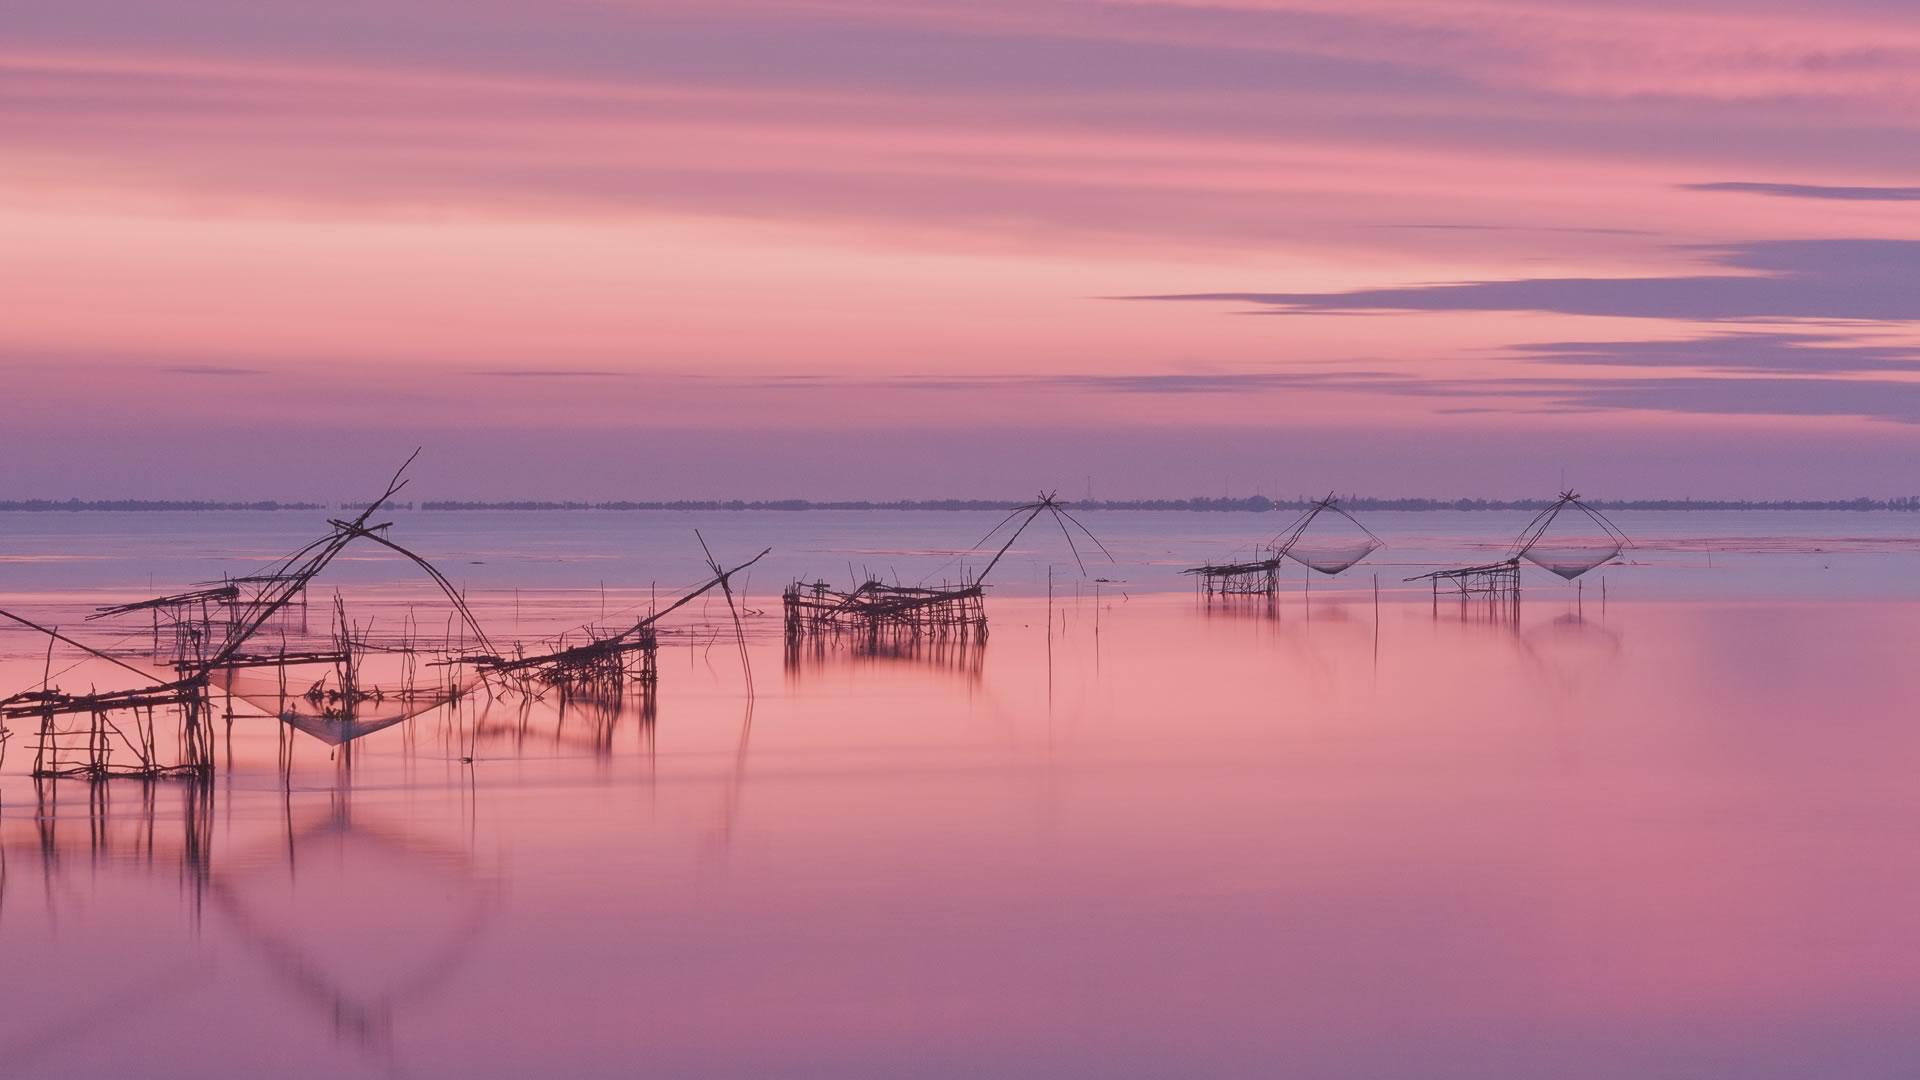 Chine pêche eau et ciel rose